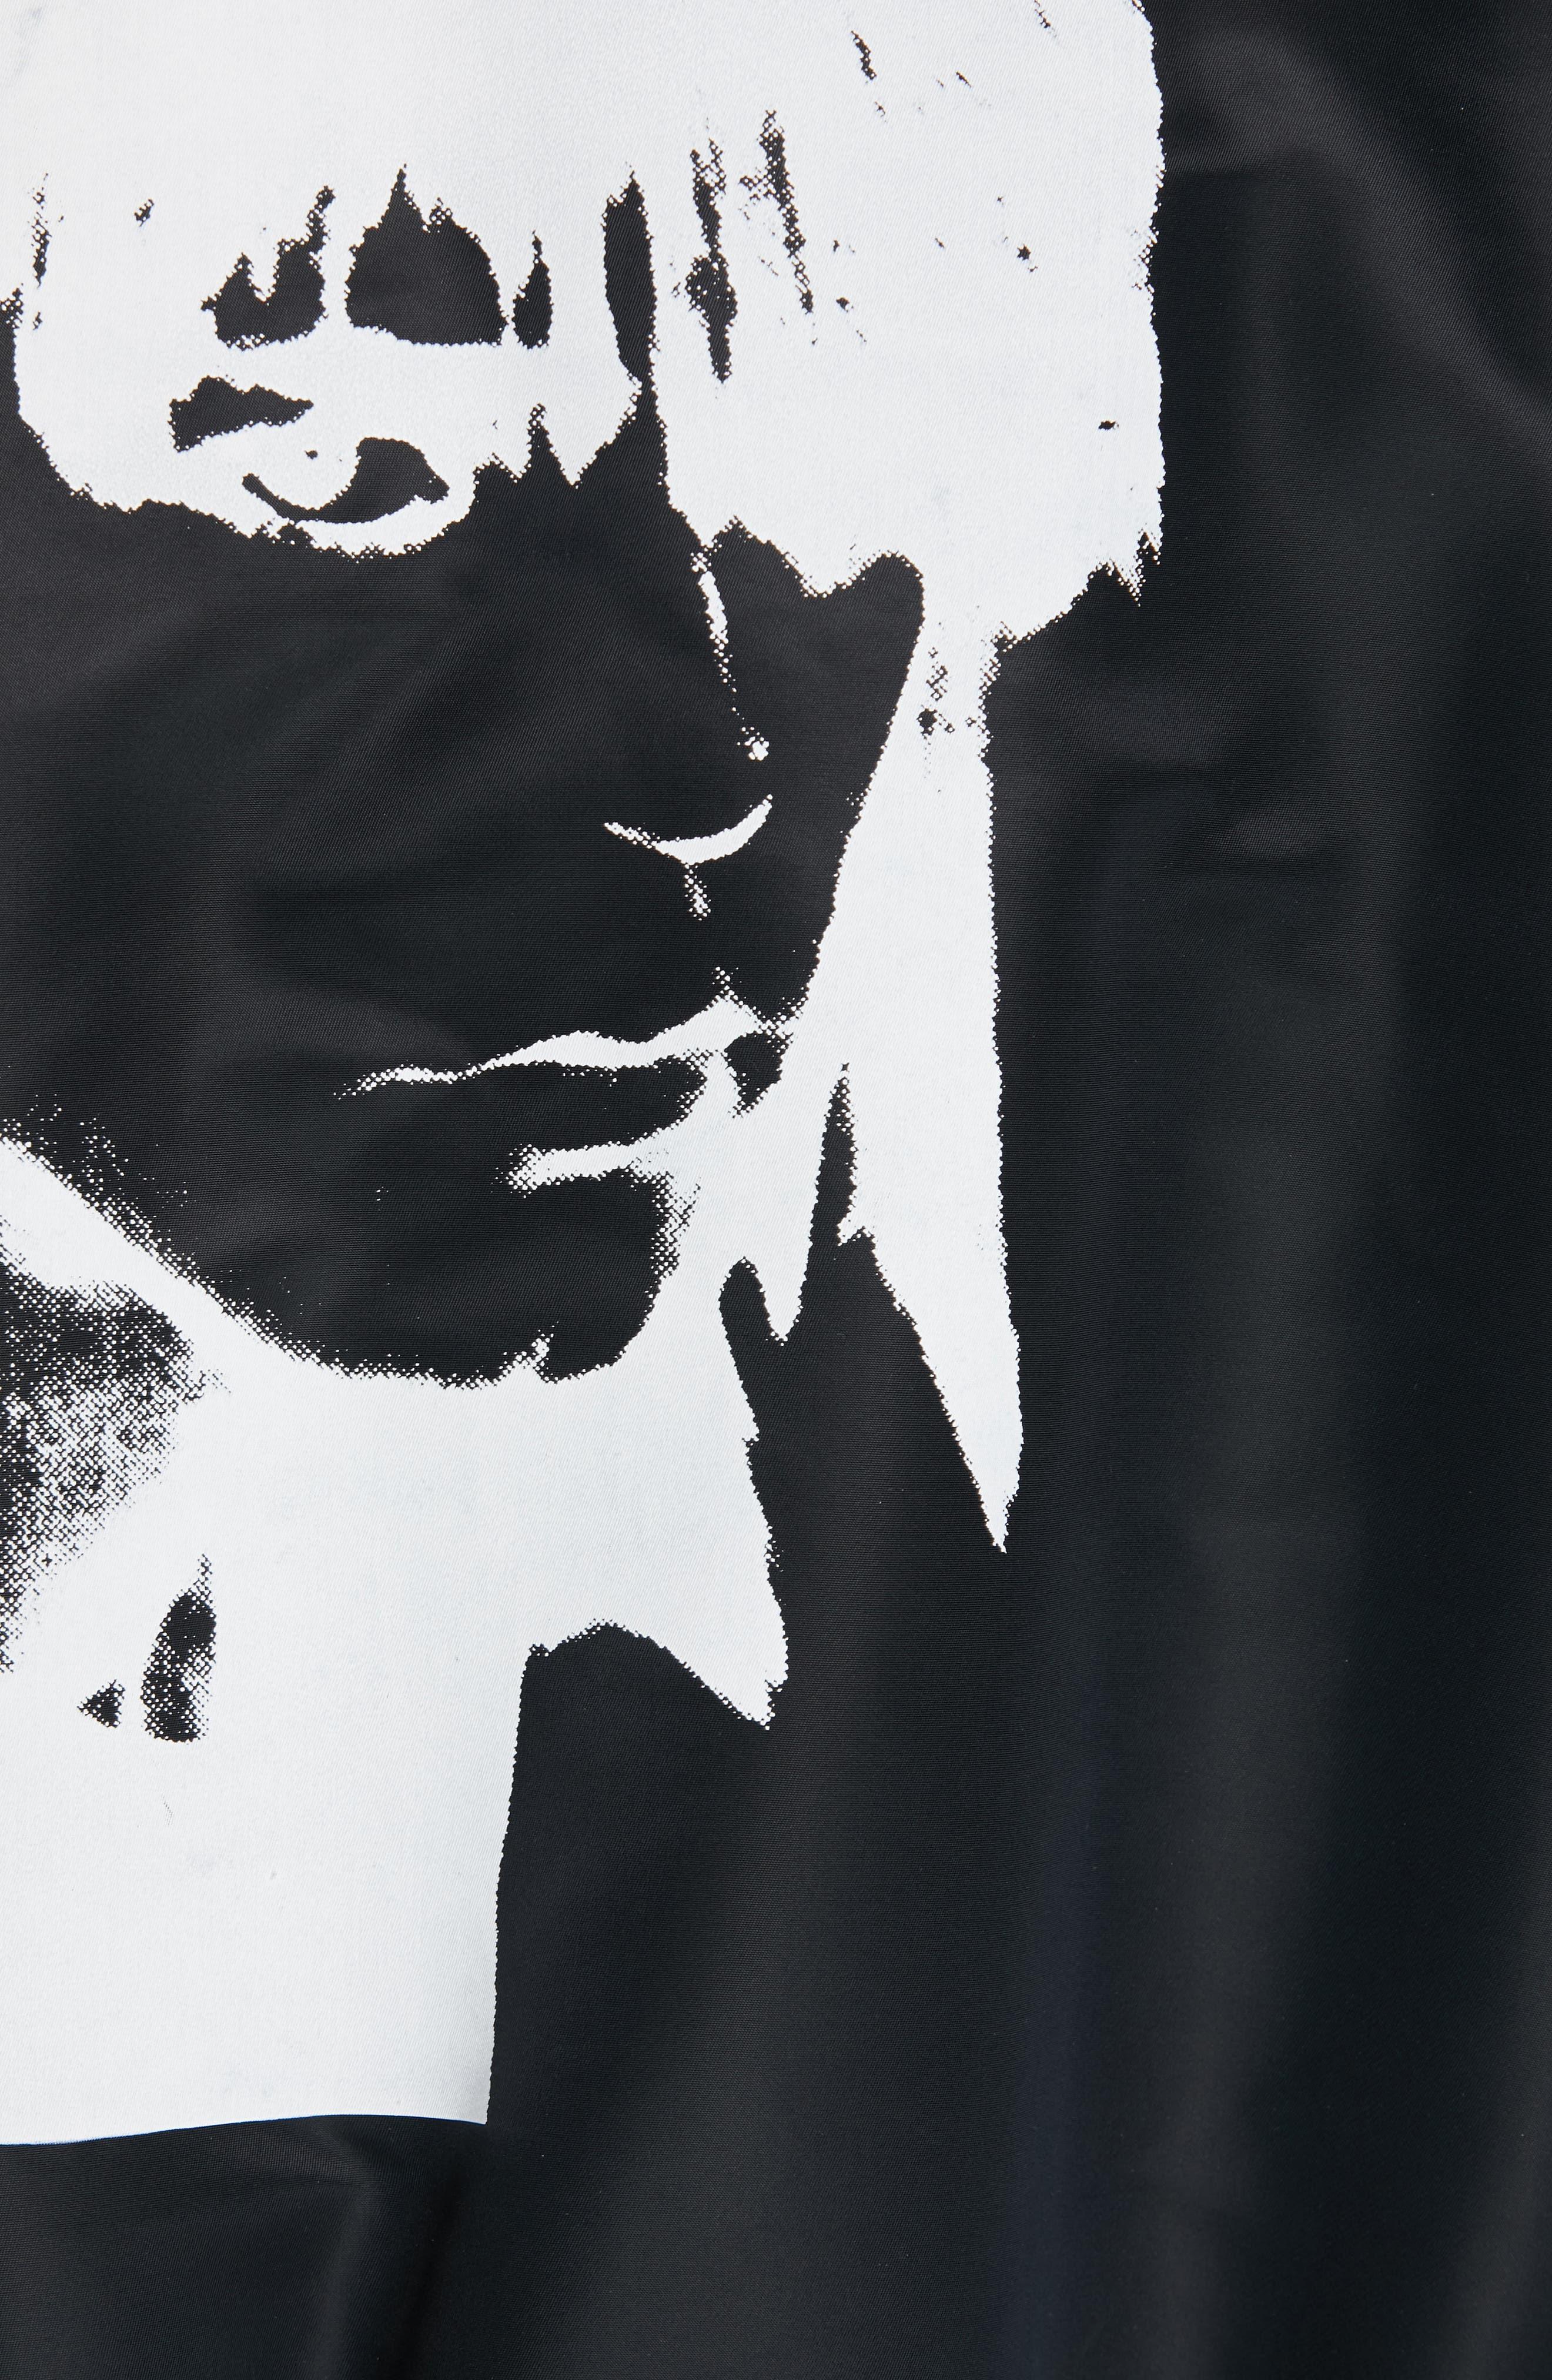 CALVIN KLEIN 205W39NYC, Satin Nylon Bomber Jacket, Alternate thumbnail 6, color, BLACK